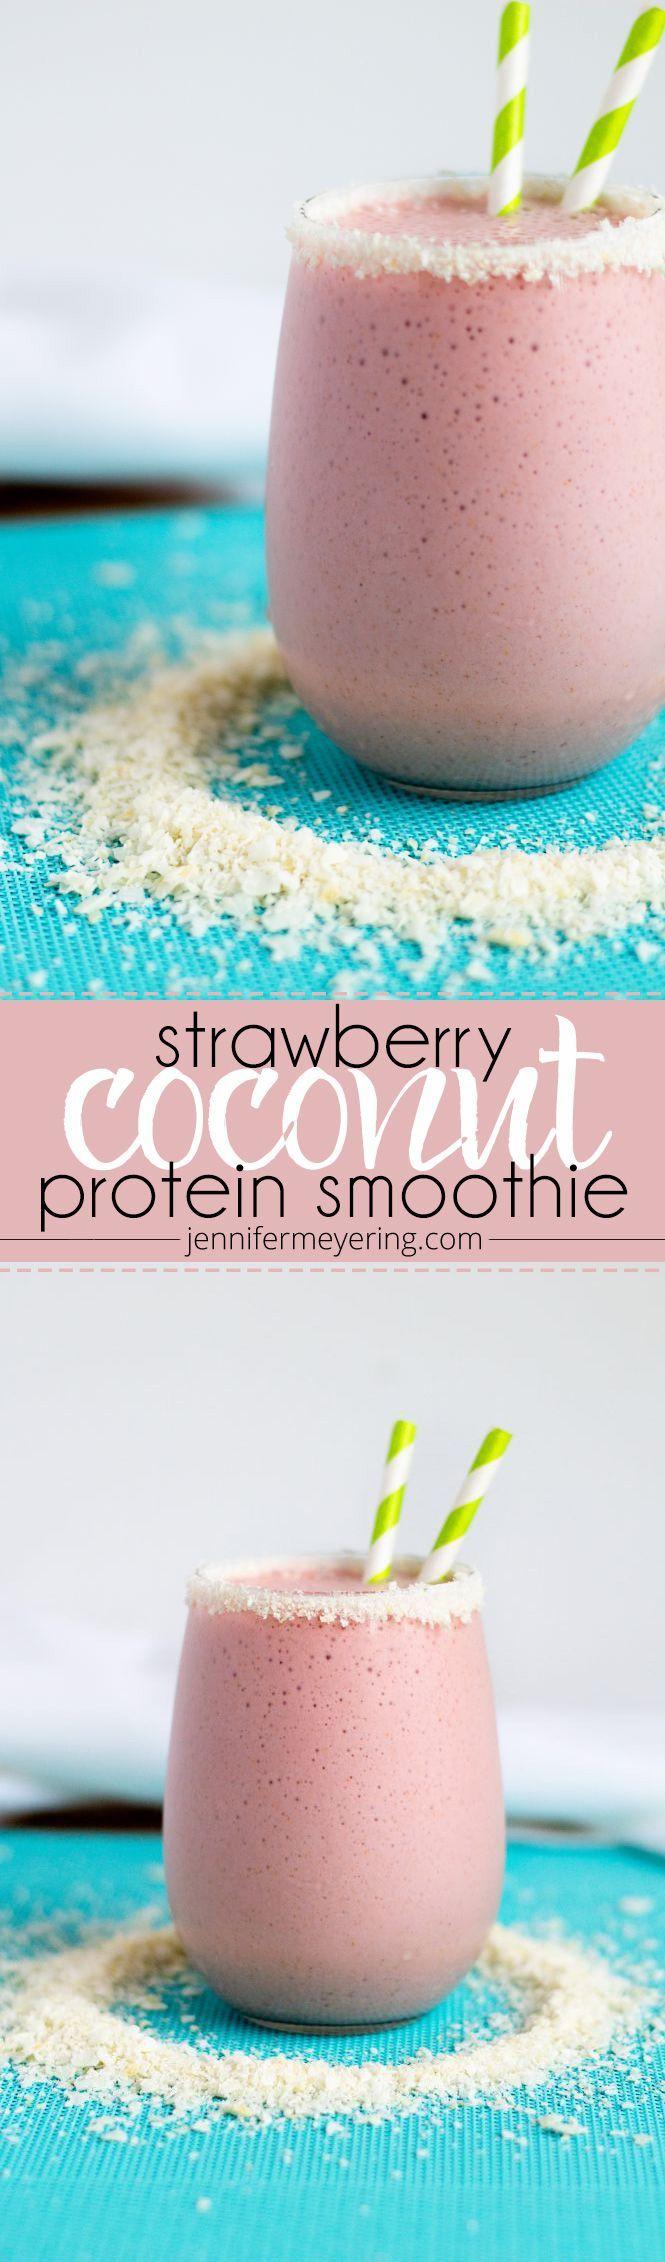 Smoothie de proteínas de fresa y coco.